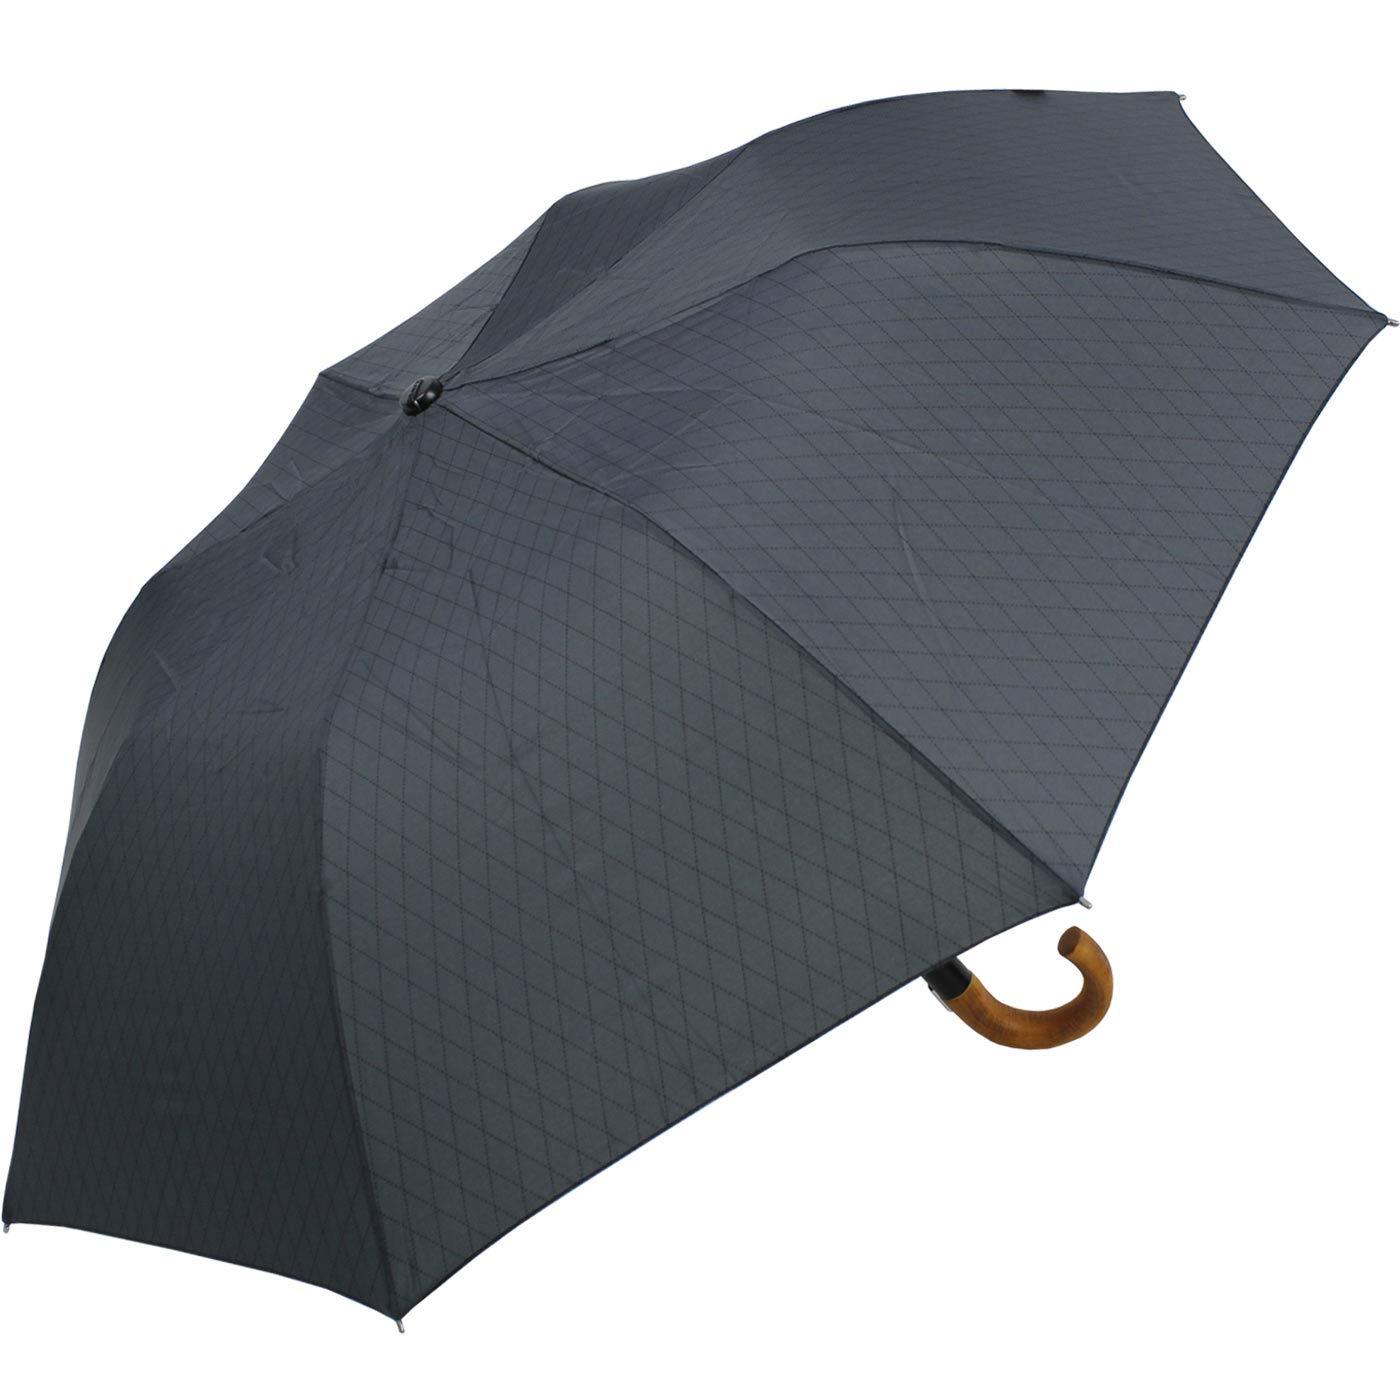 Knirps X1 paraguas plegable de la Hombres Topmatic SL Mango de madera Gents impresiones símbolo: Amazon.es: Equipaje